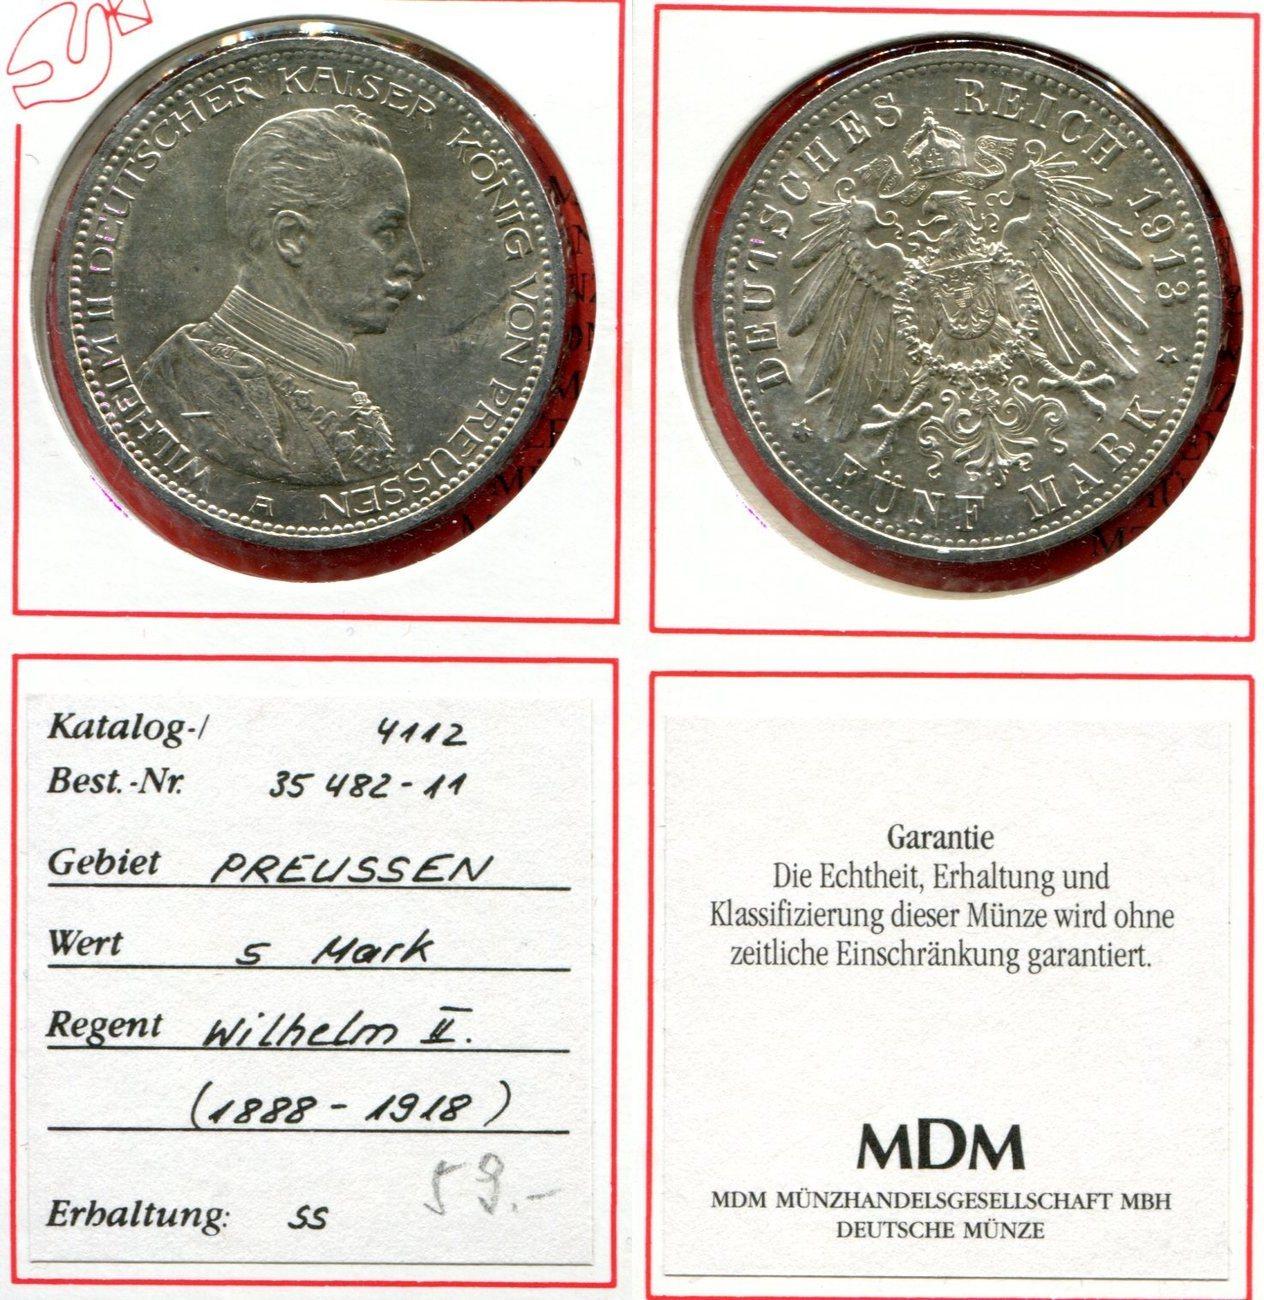 5 Mark Silber 1913 Brandenburg Preußen Deutsches Kaiserreich